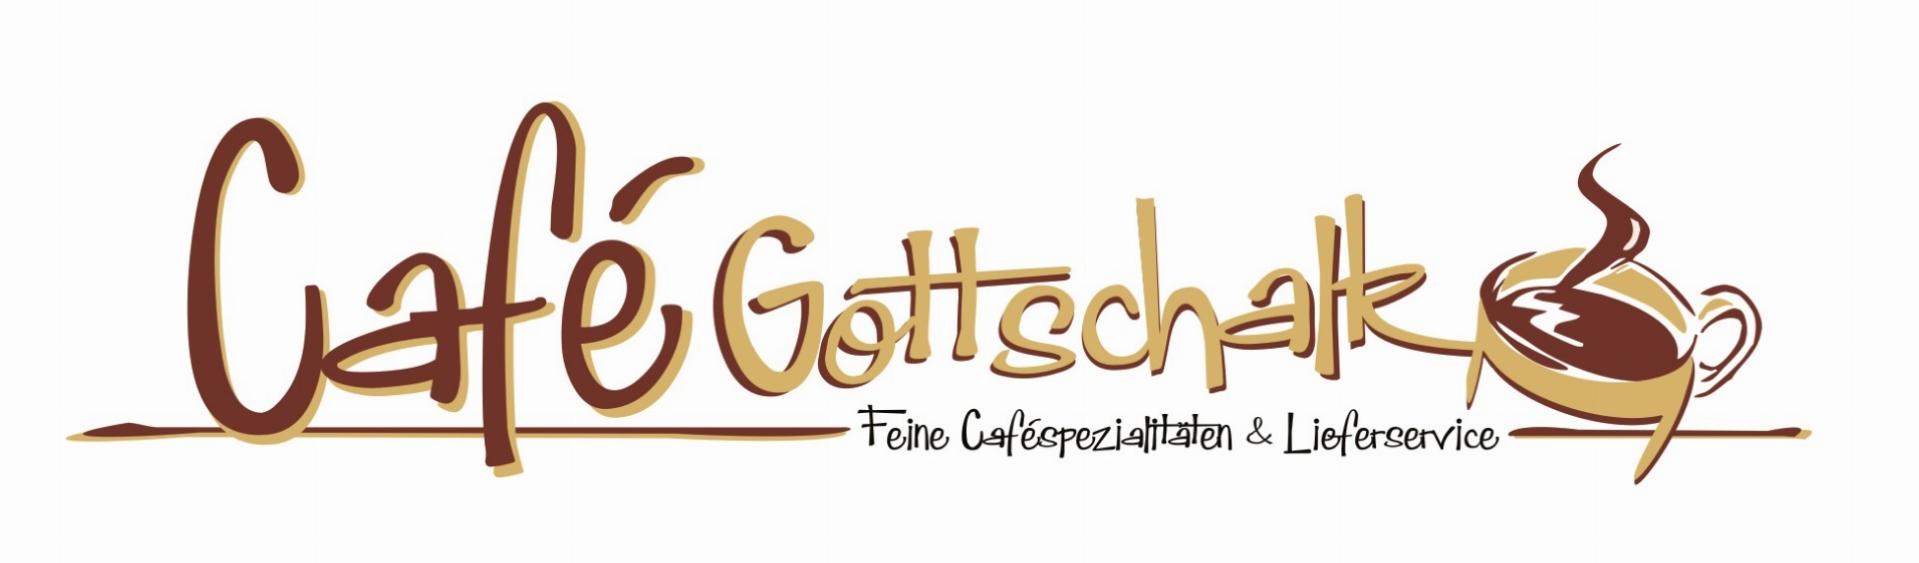 http://www.cafe-gottschalk.de/